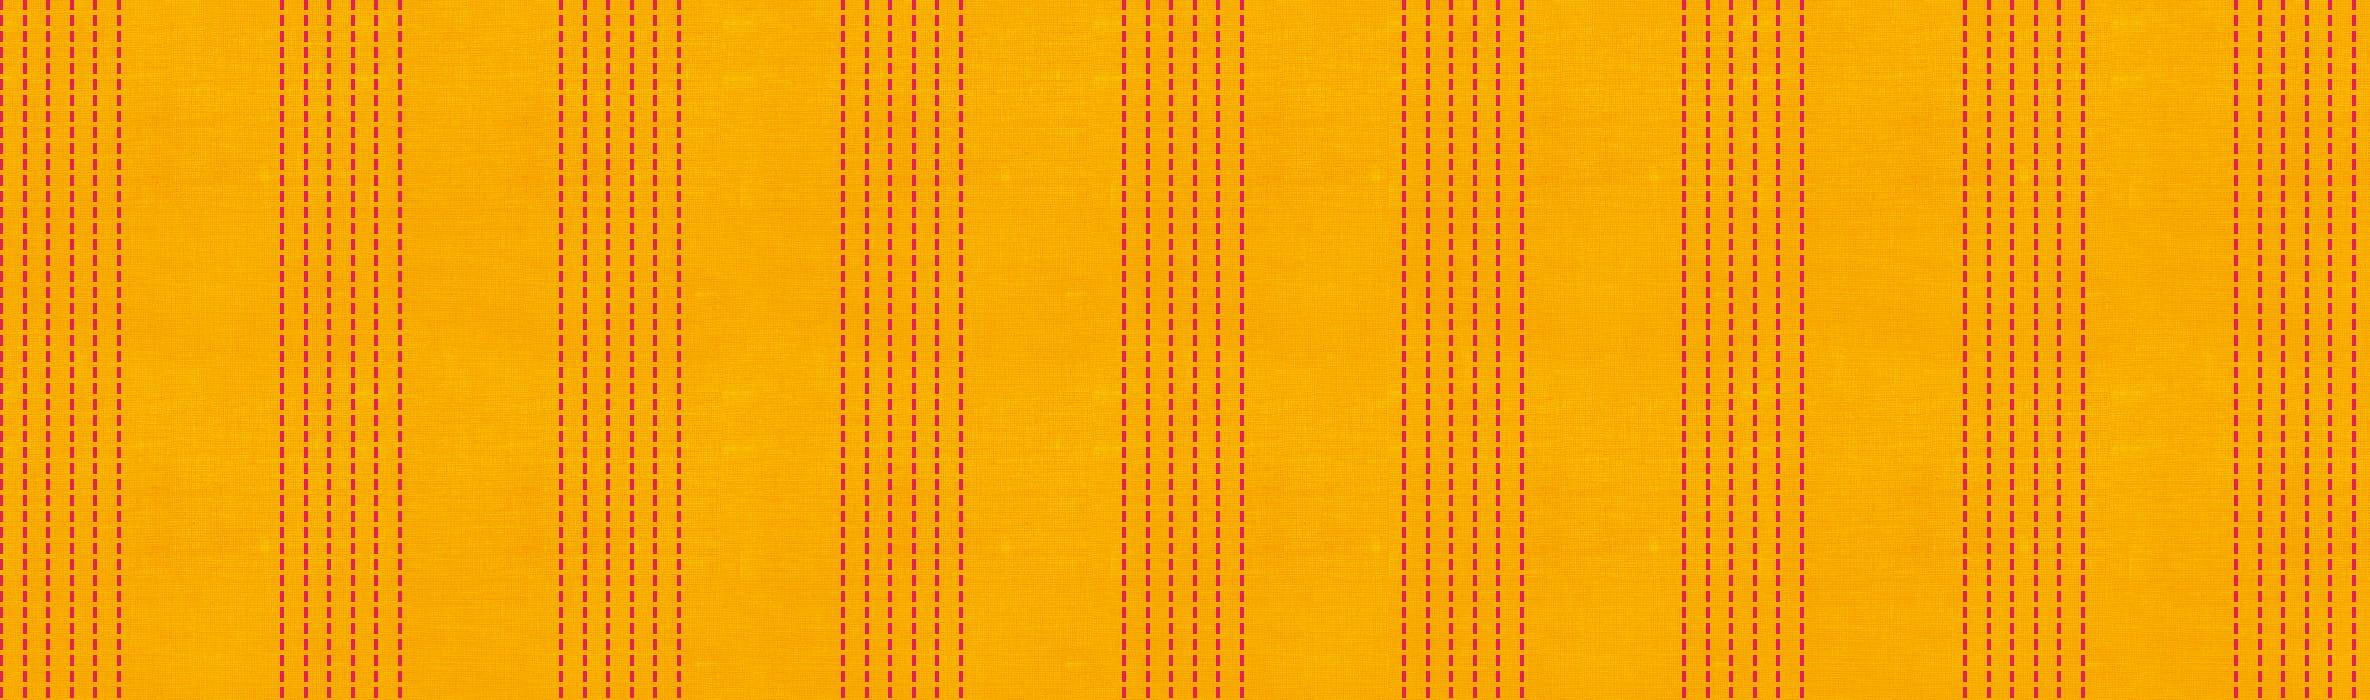 oranger und roter gemusterter Hintergrund